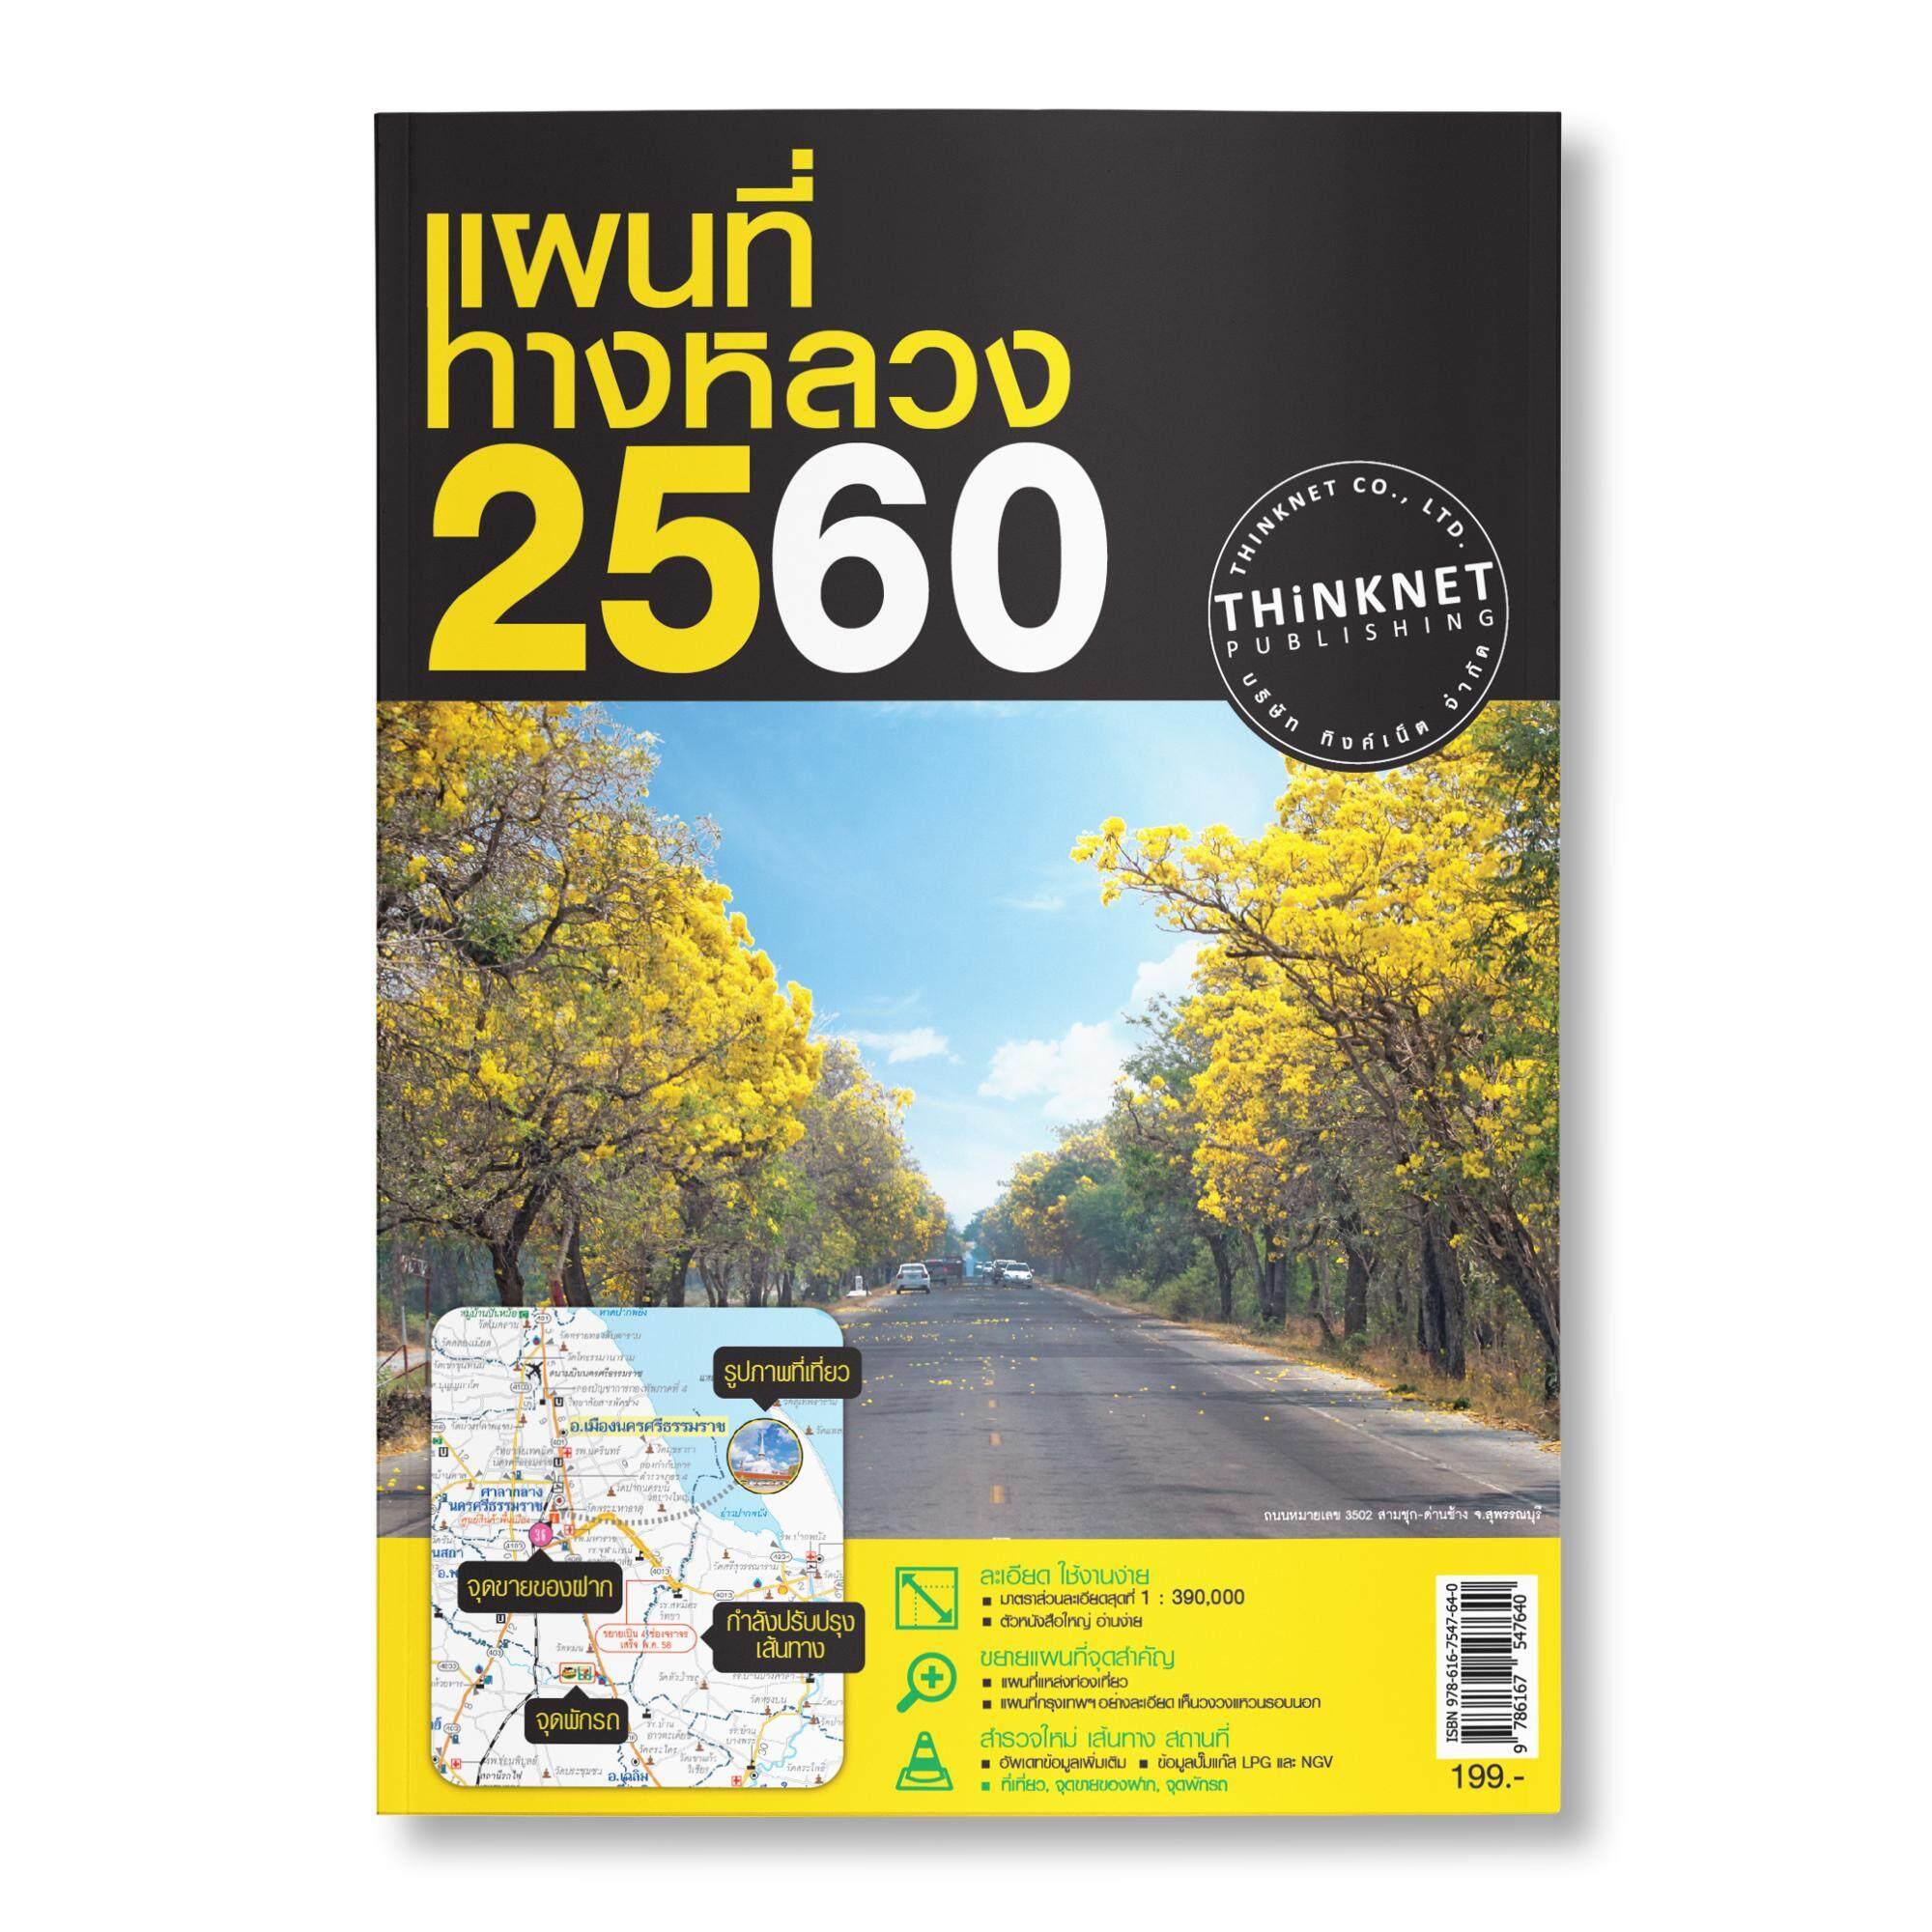 หนังสือแผนที่ ทางหลวง 2560 By Shop Thinknet.